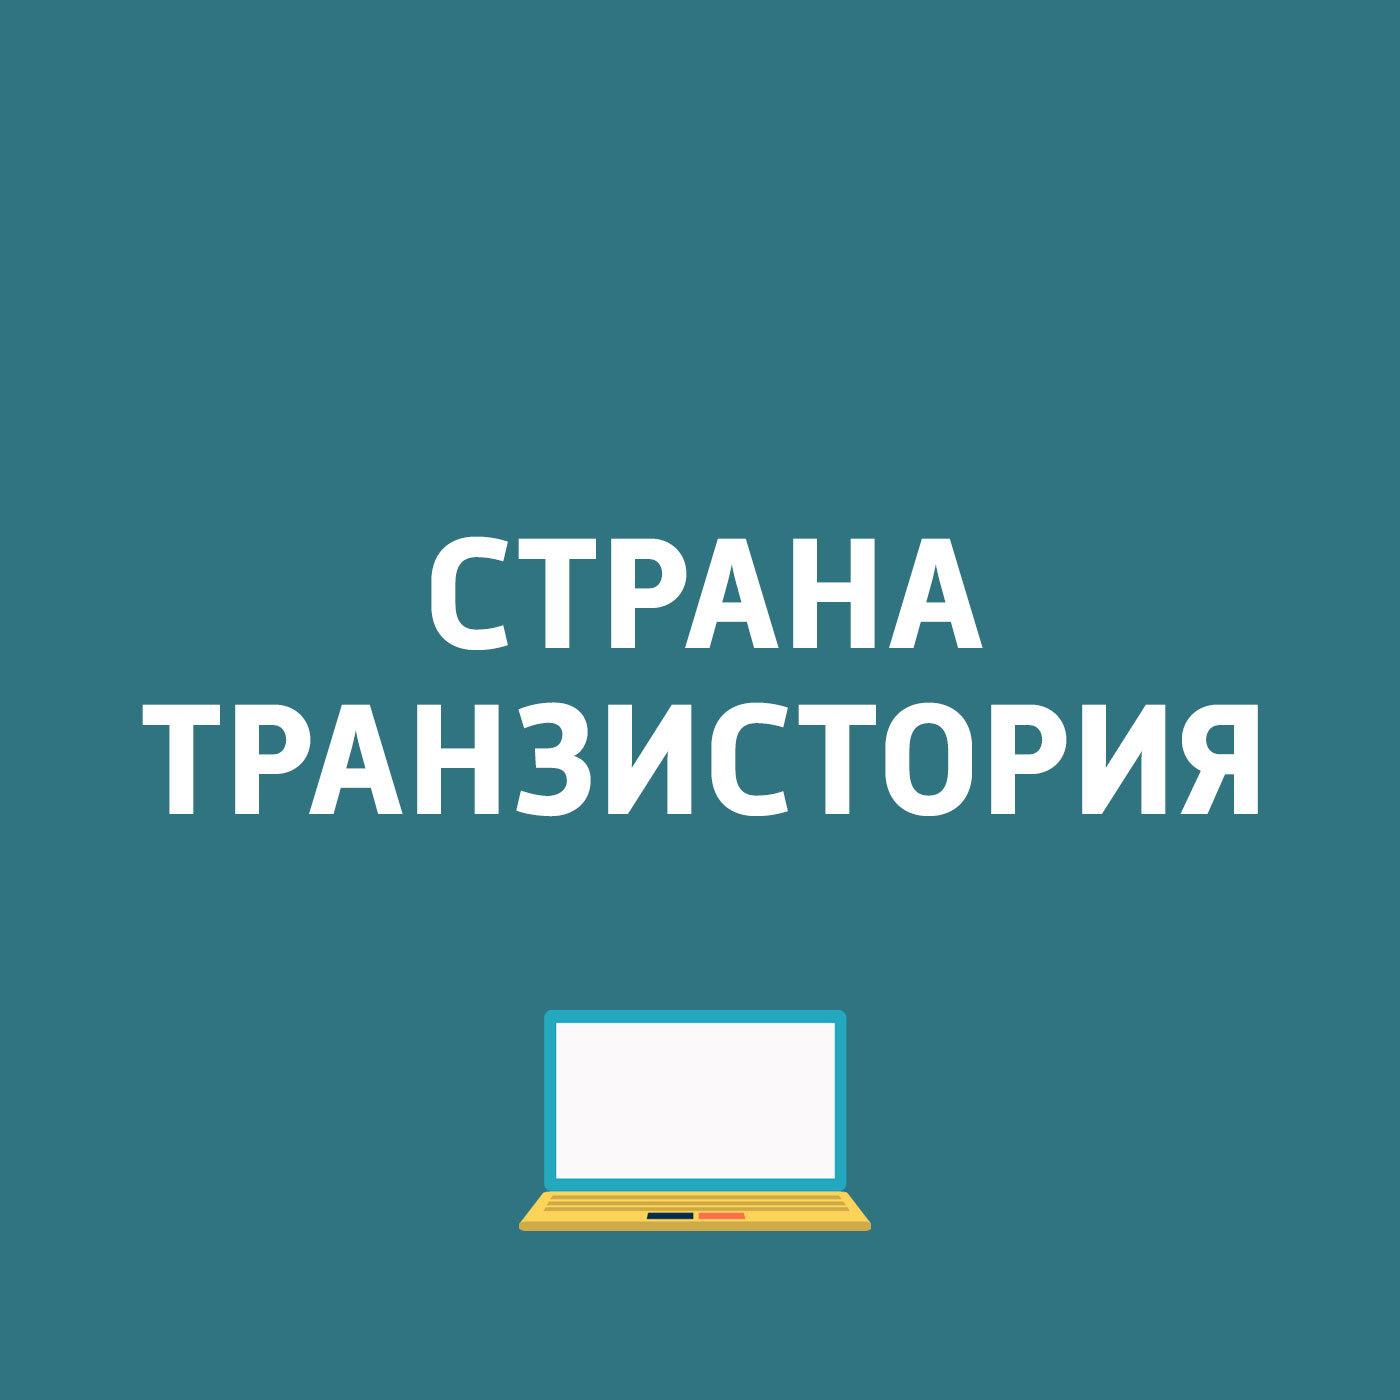 Фото - Картаев Павел Смартфон Nokia 8; Новый вид телефонного спама проектор